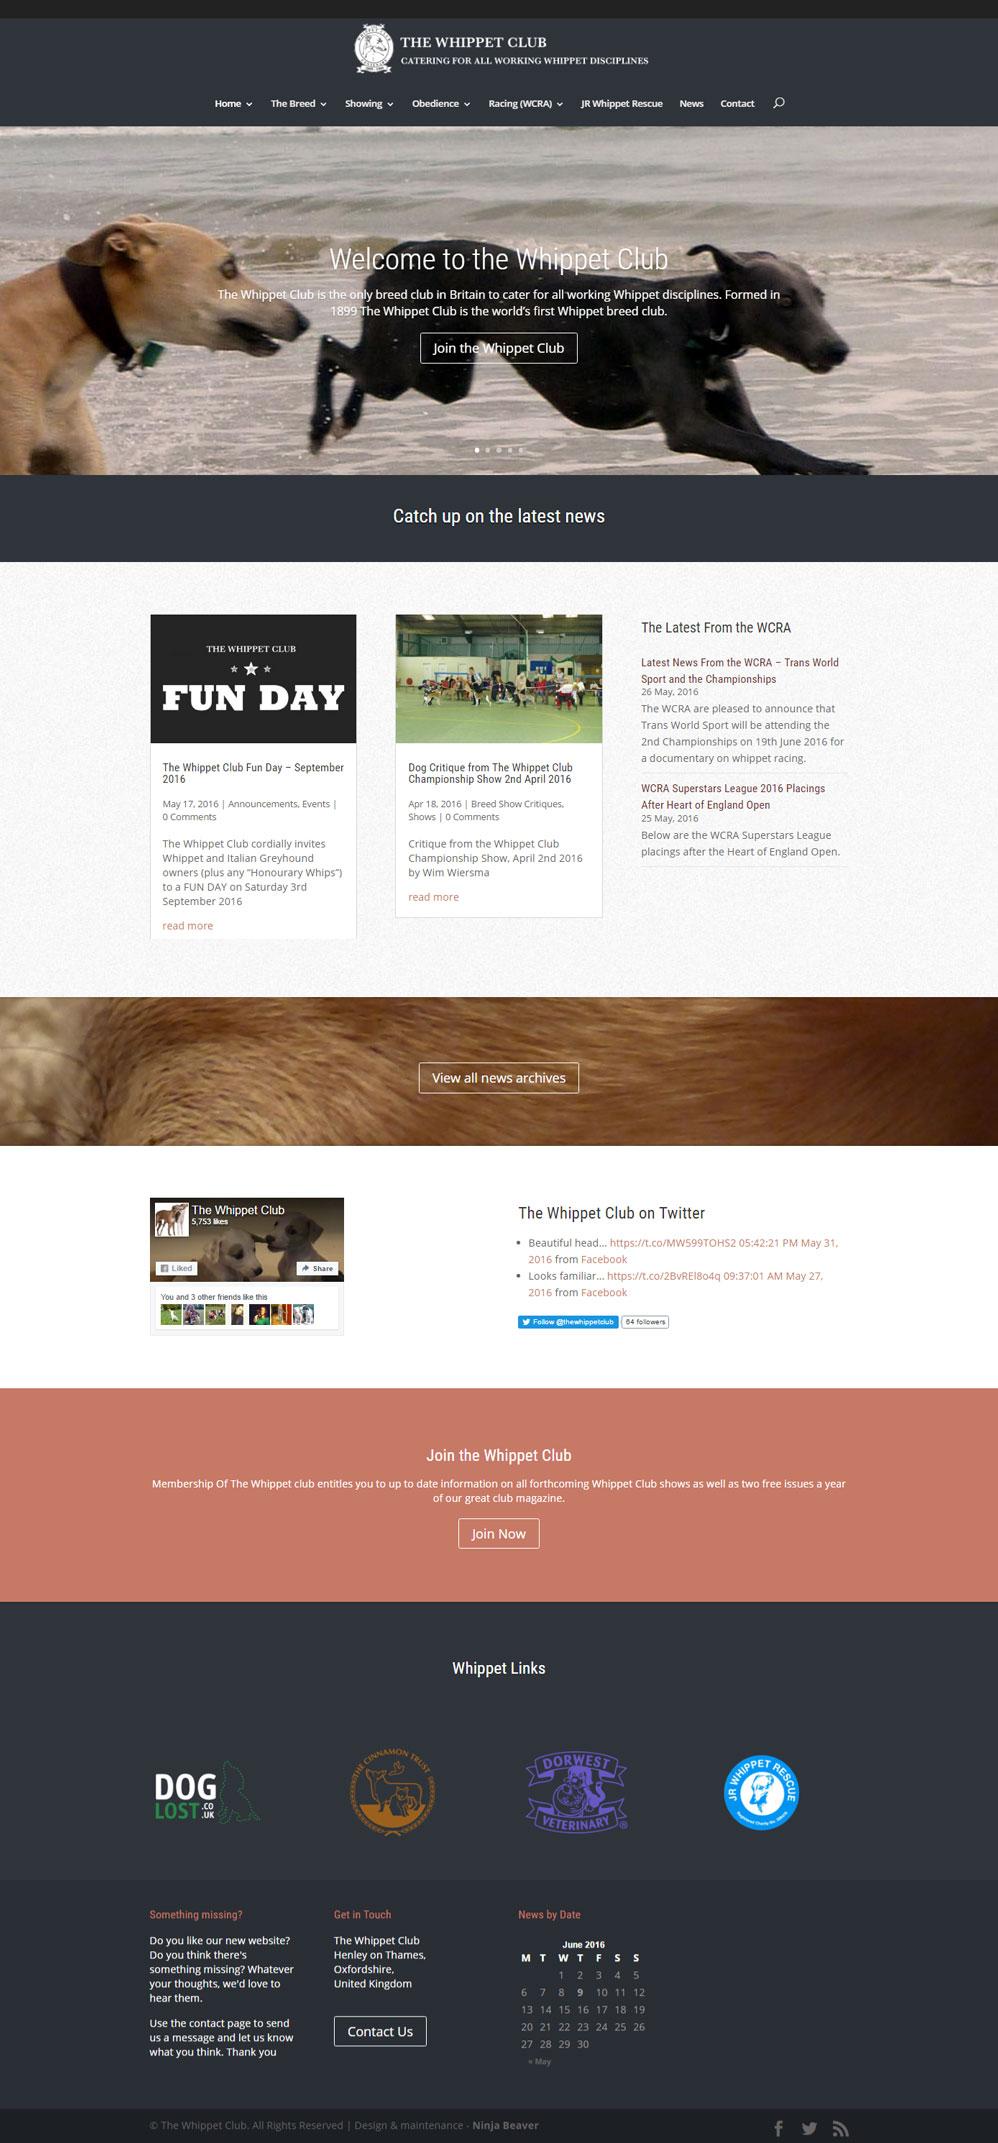 Ninja Beaver - The Whippet Club Website